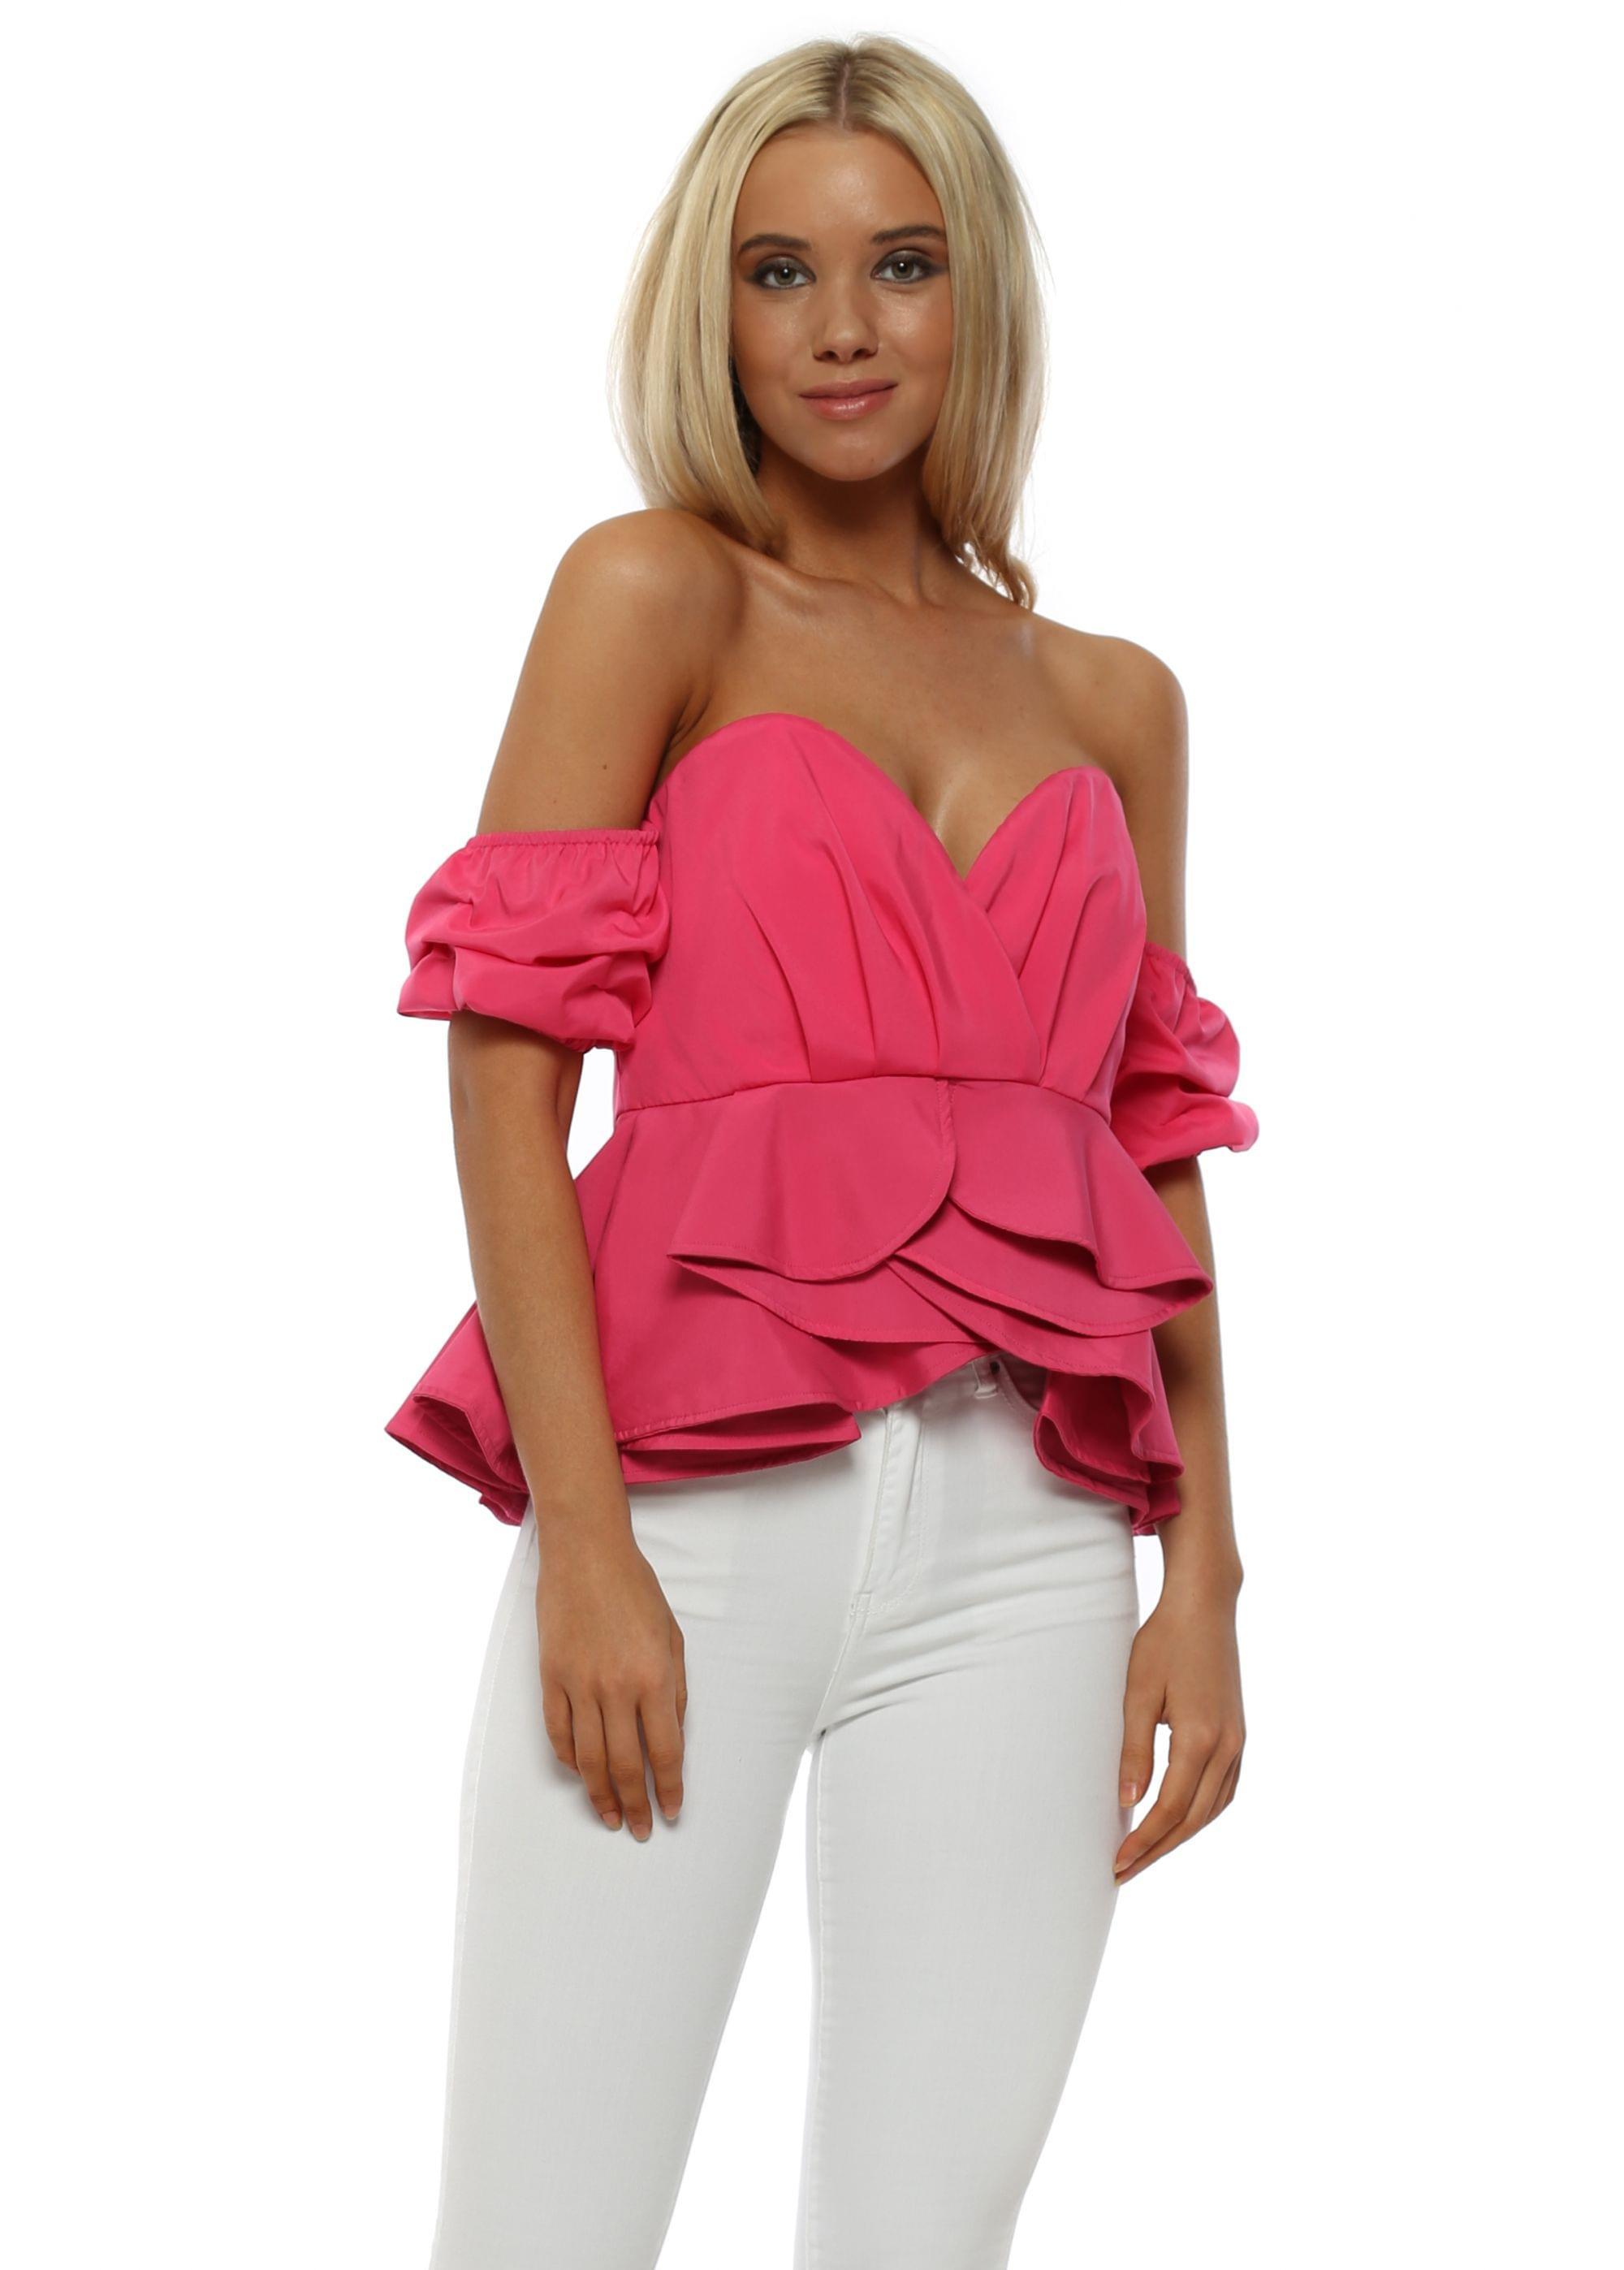 bac7452ebb435 Golden Days Hot Pink Bustier Off The Shoulder Top